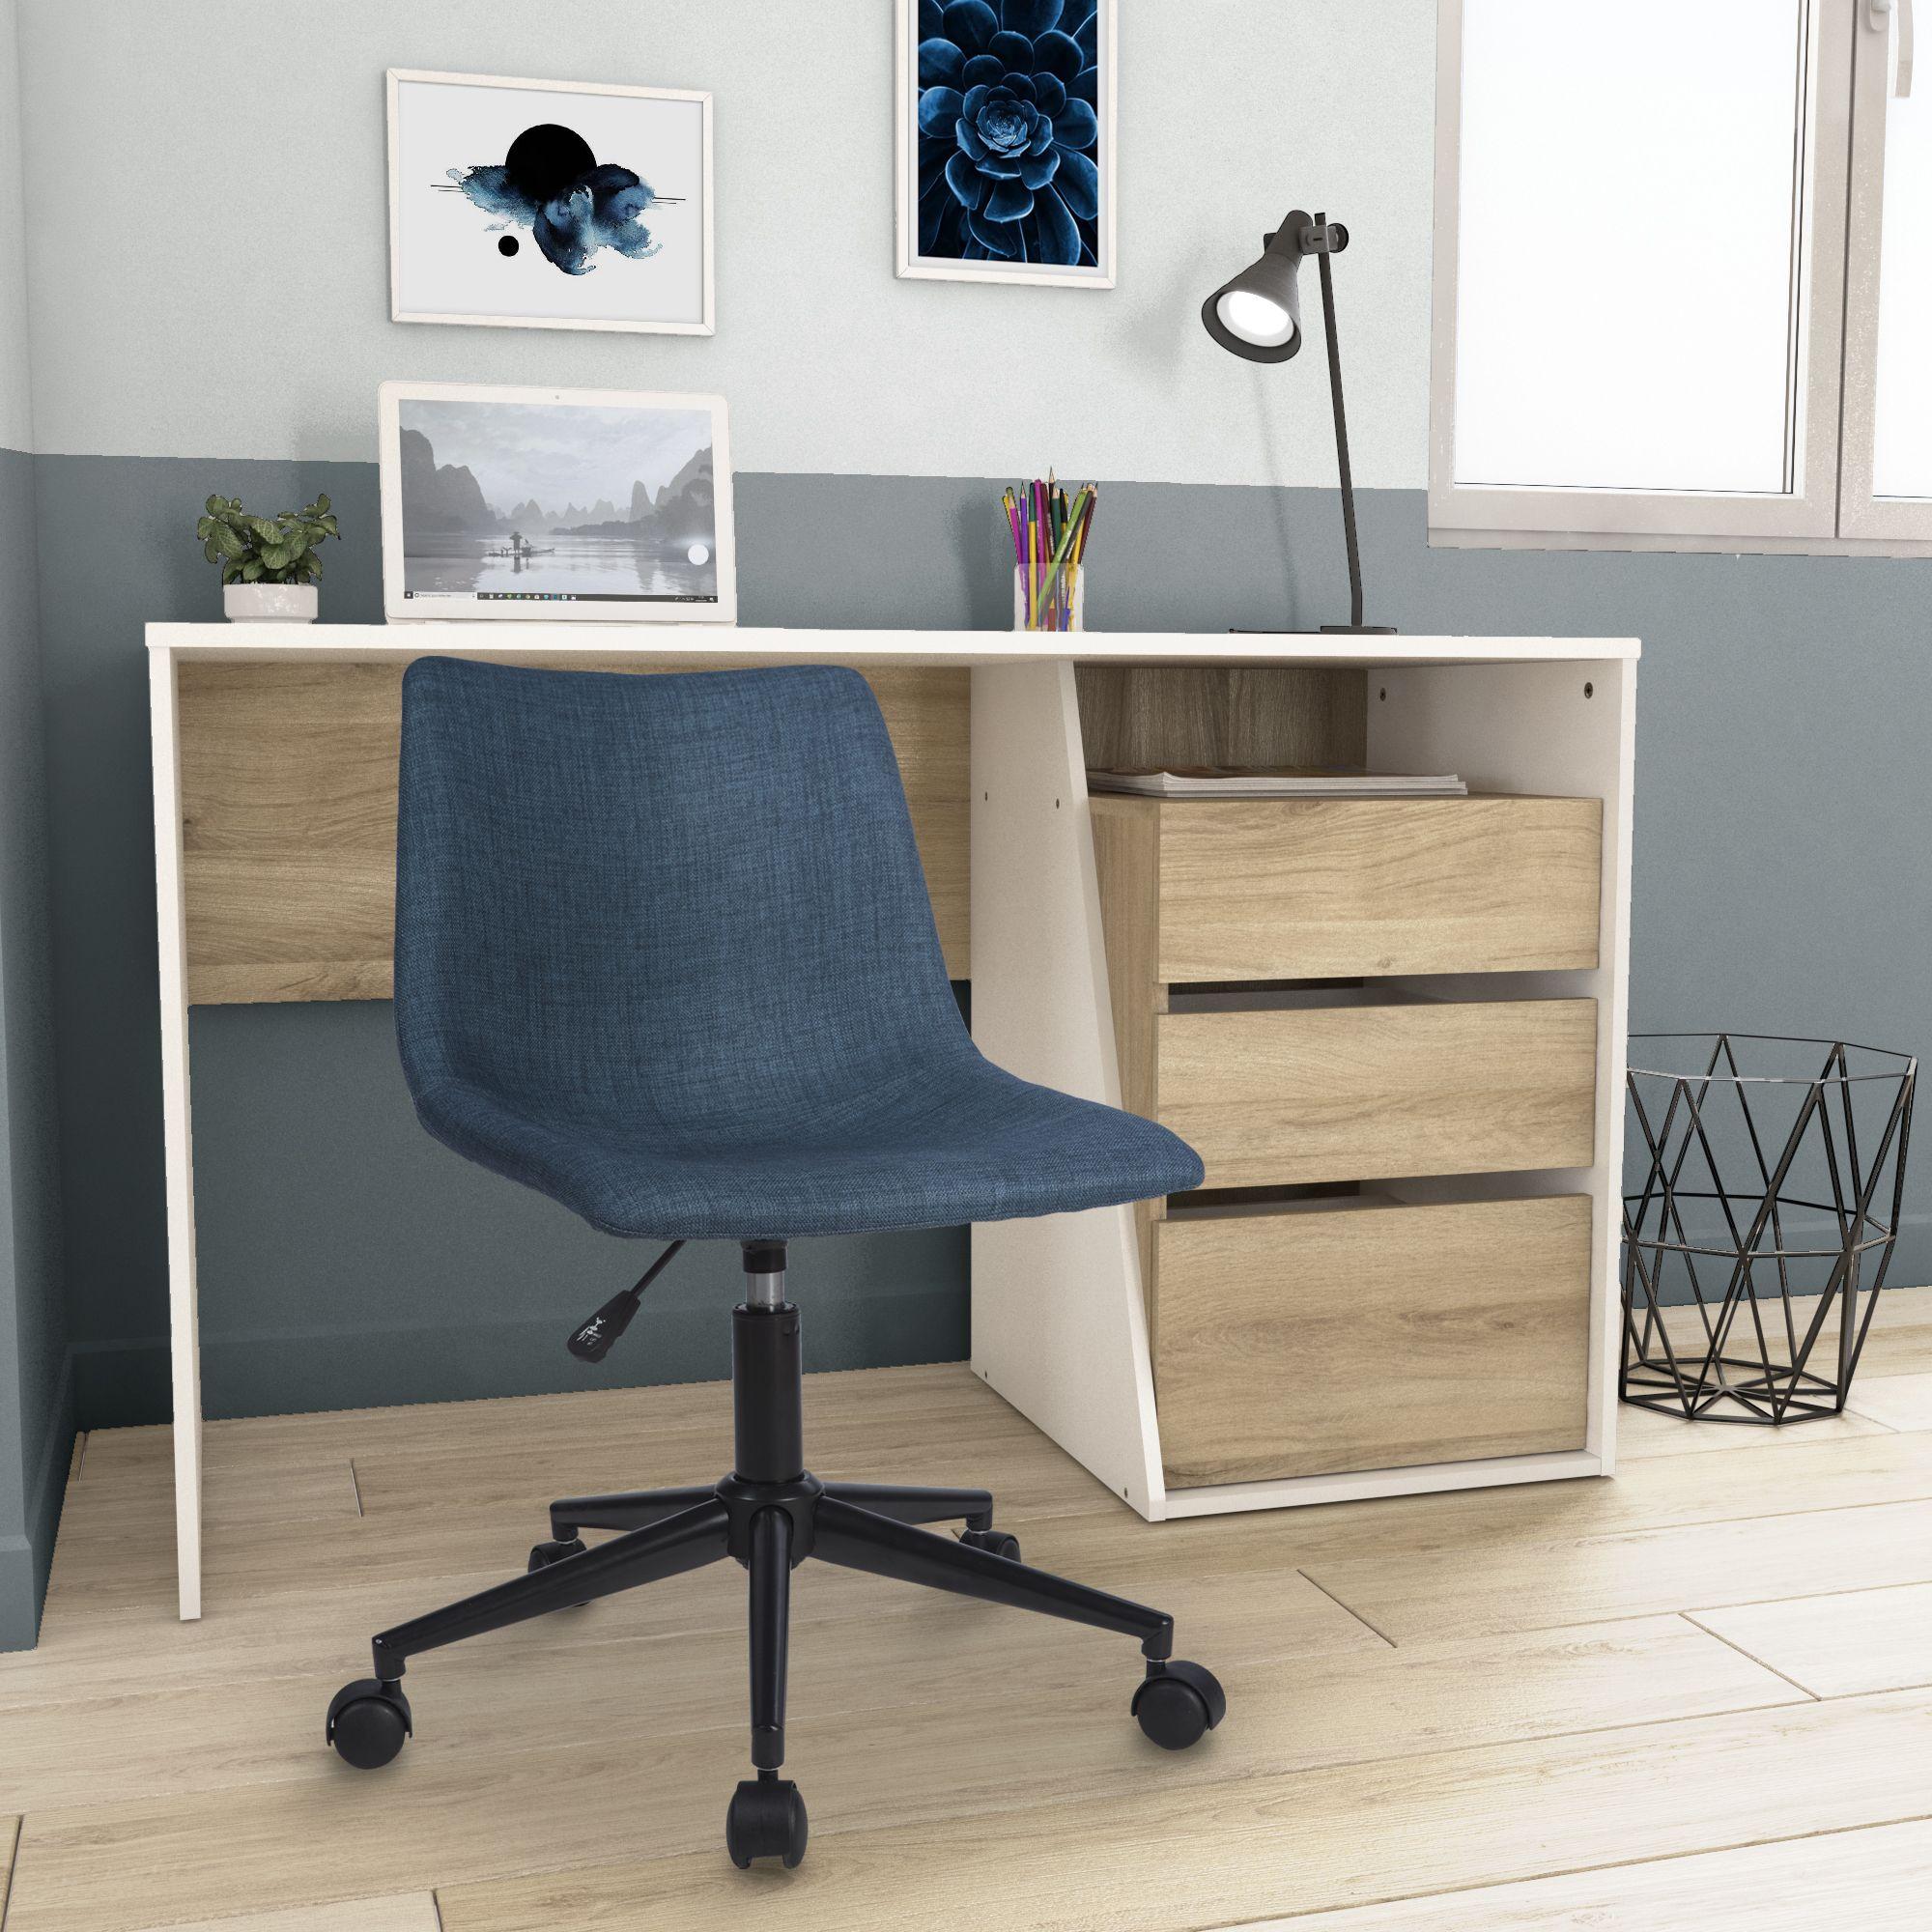 Chaise De Bureau Pivotante A Roulettes En Tissu Bleu Avec Dossier Et Hauteur Reglable Chaise Bureau Bureau Etudiant Mobilier De Salon